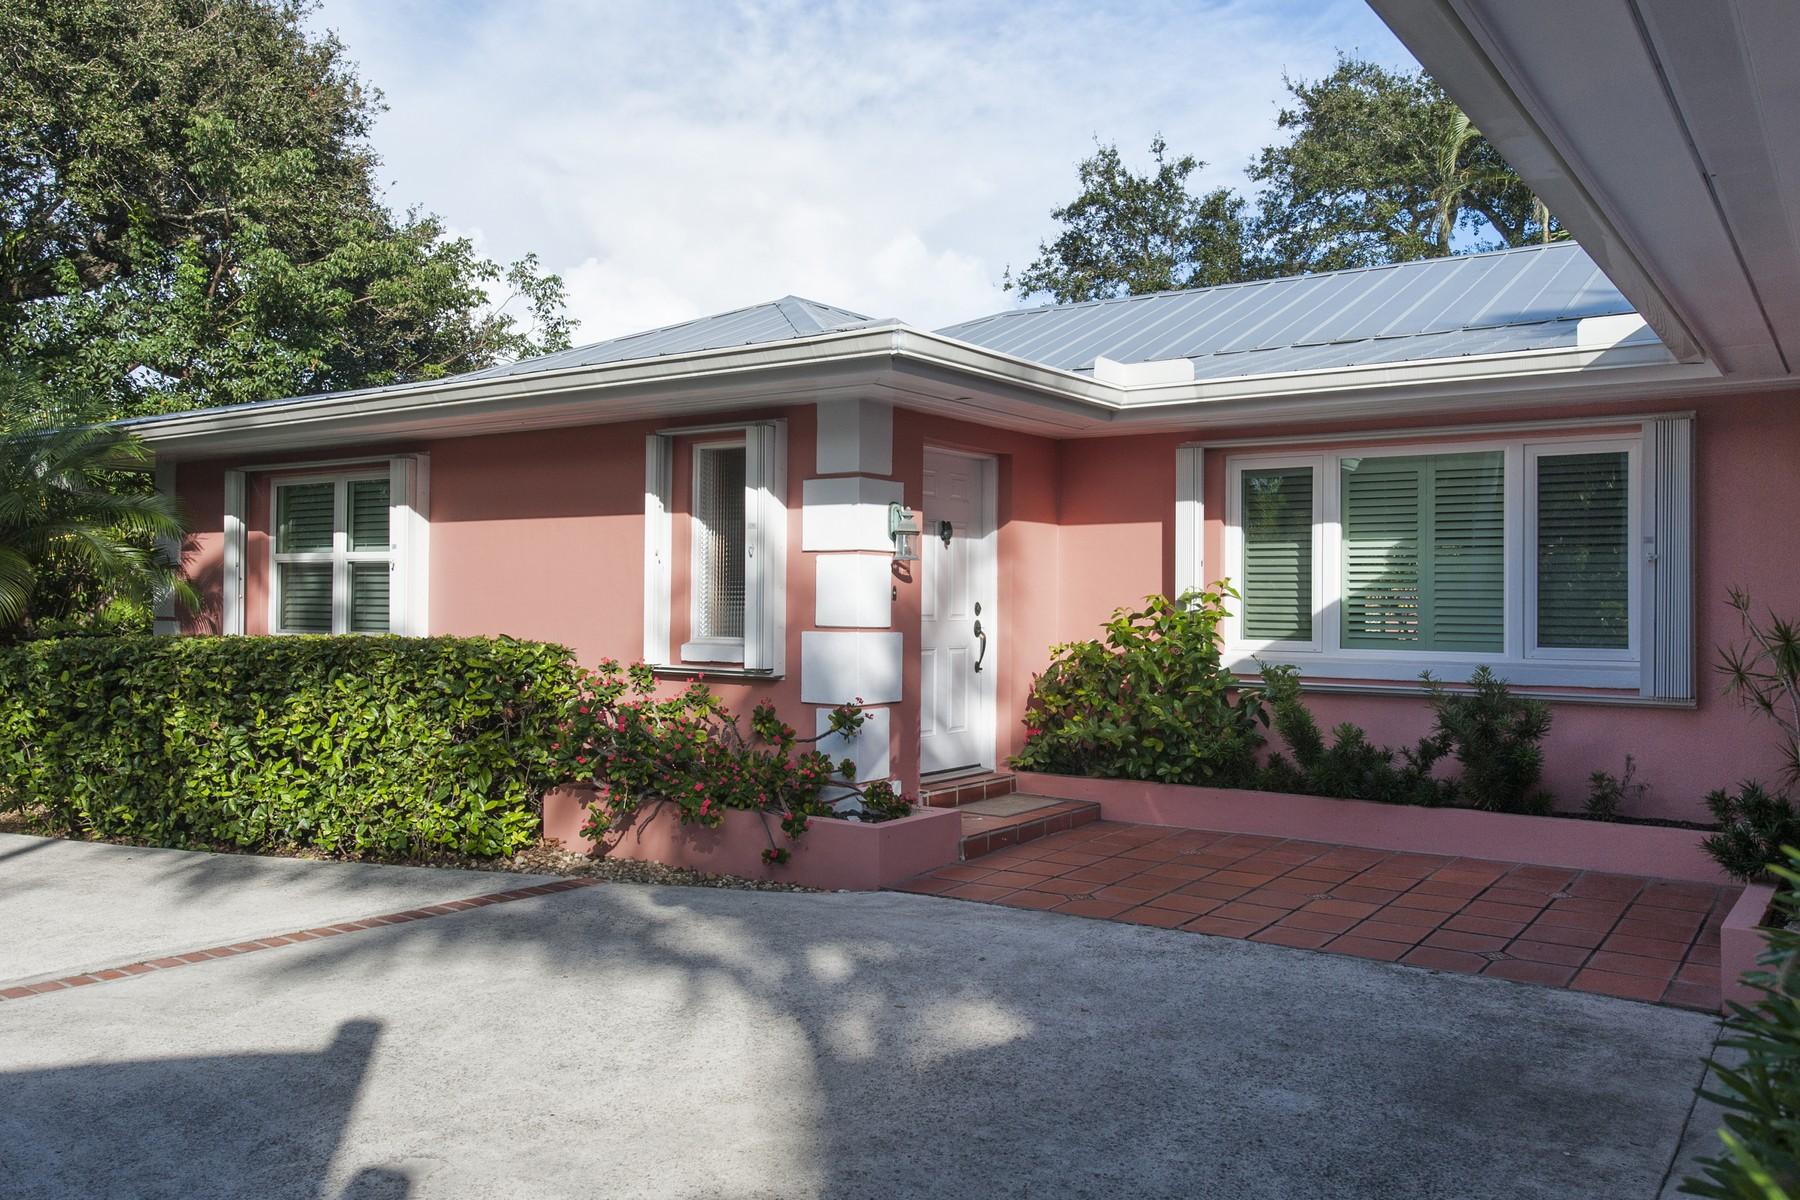 独户住宅 为 销售 在 Live 2 Blocks From Beach in Bethel Isle 4702 Sunset Drive Vero Beach, 佛罗里达州 32963 美国